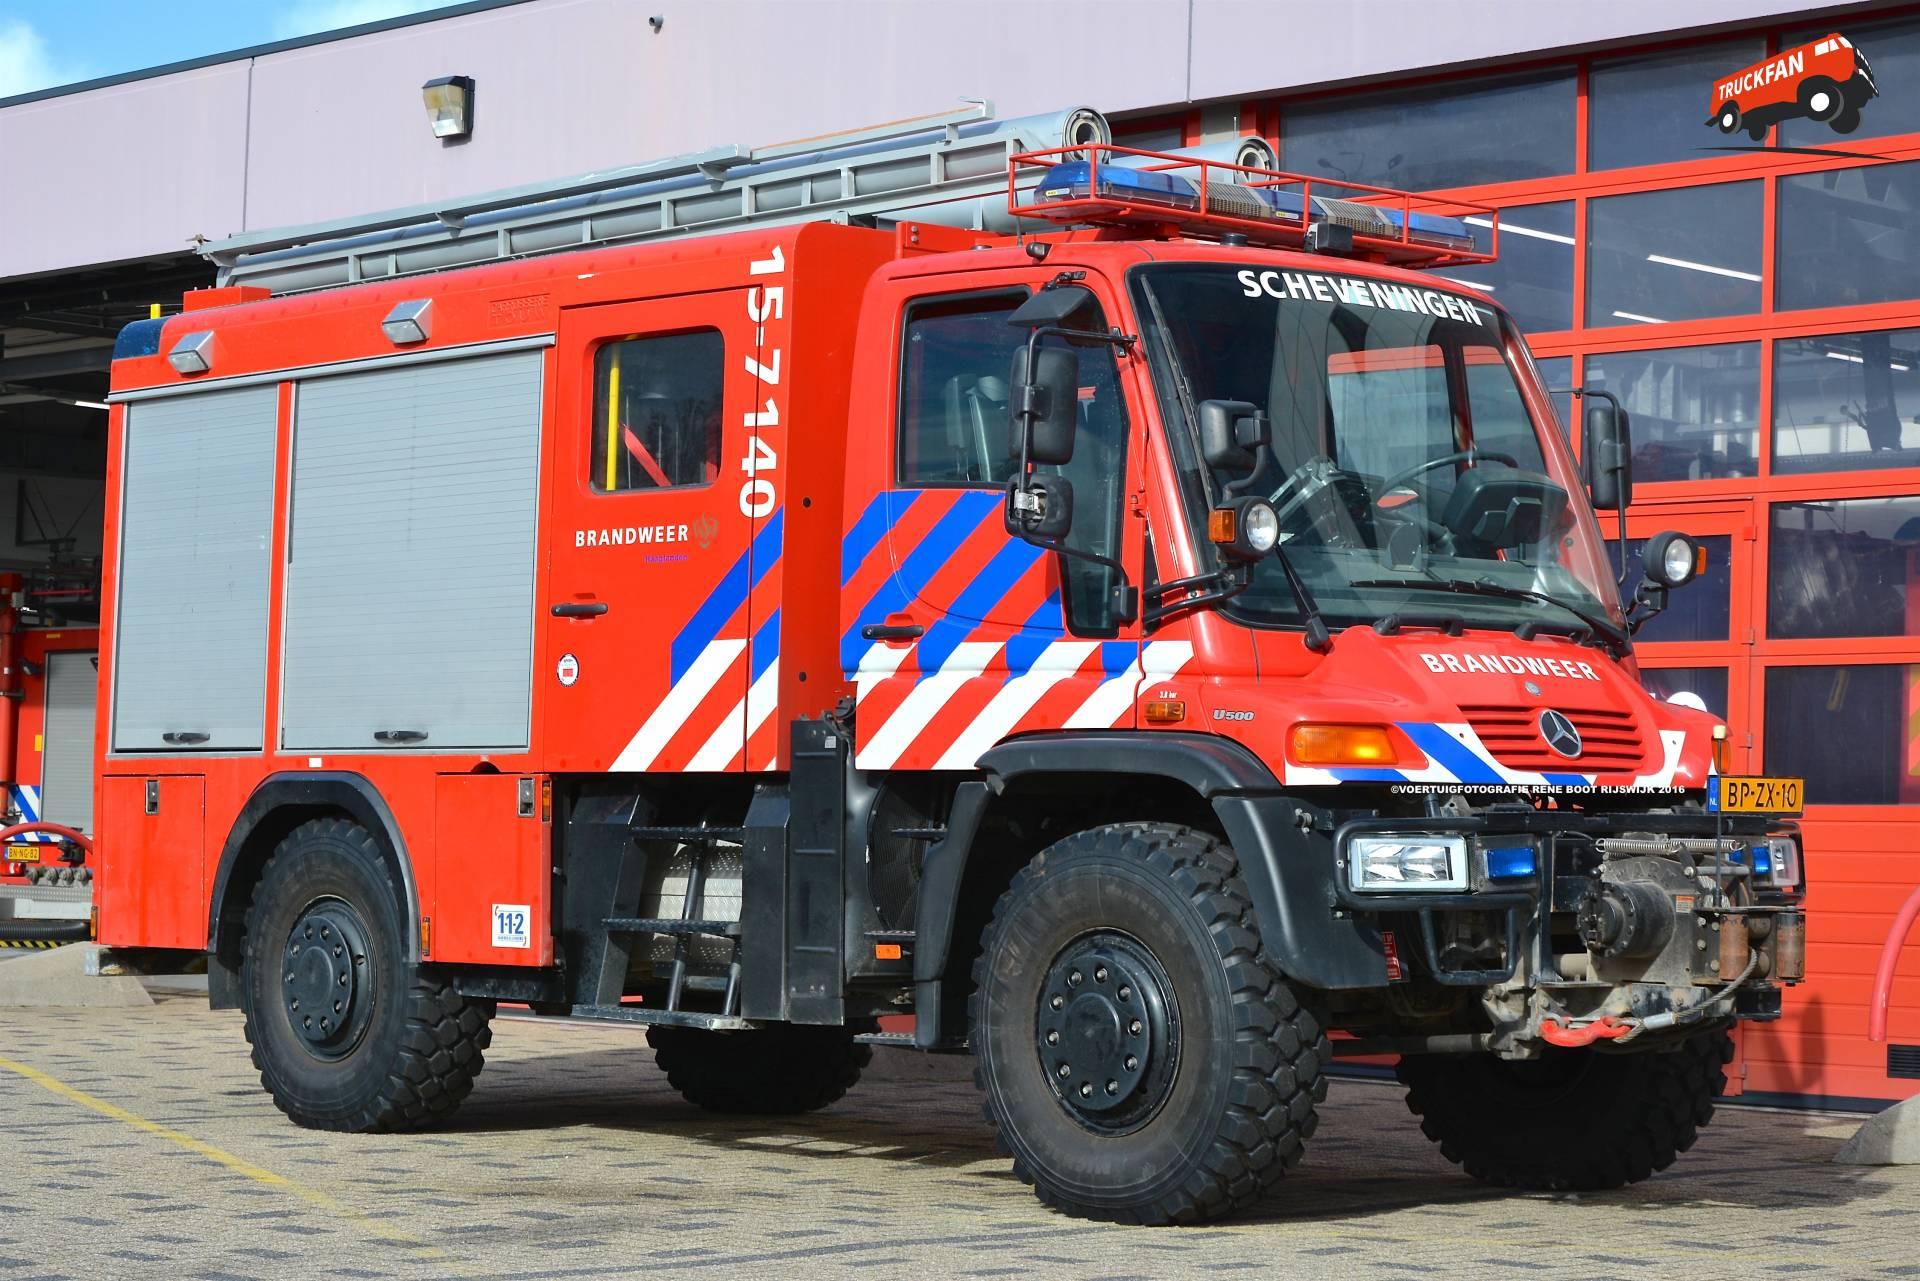 Unimog U500